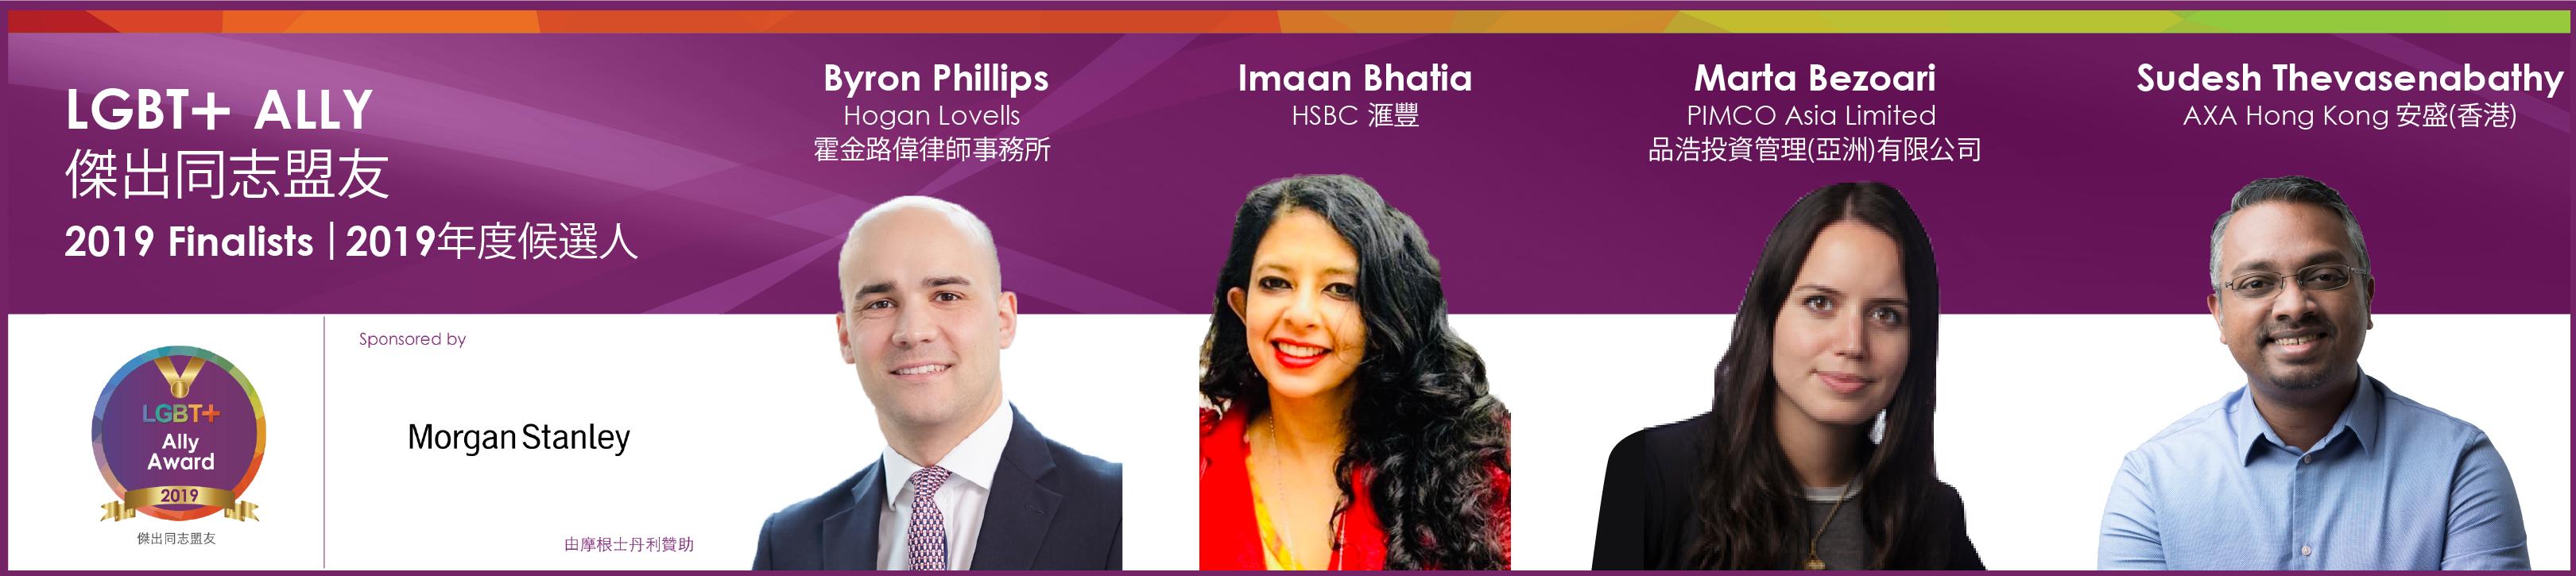 2019 Hong Kong LGBT+ Inclusion Awards - Finalists